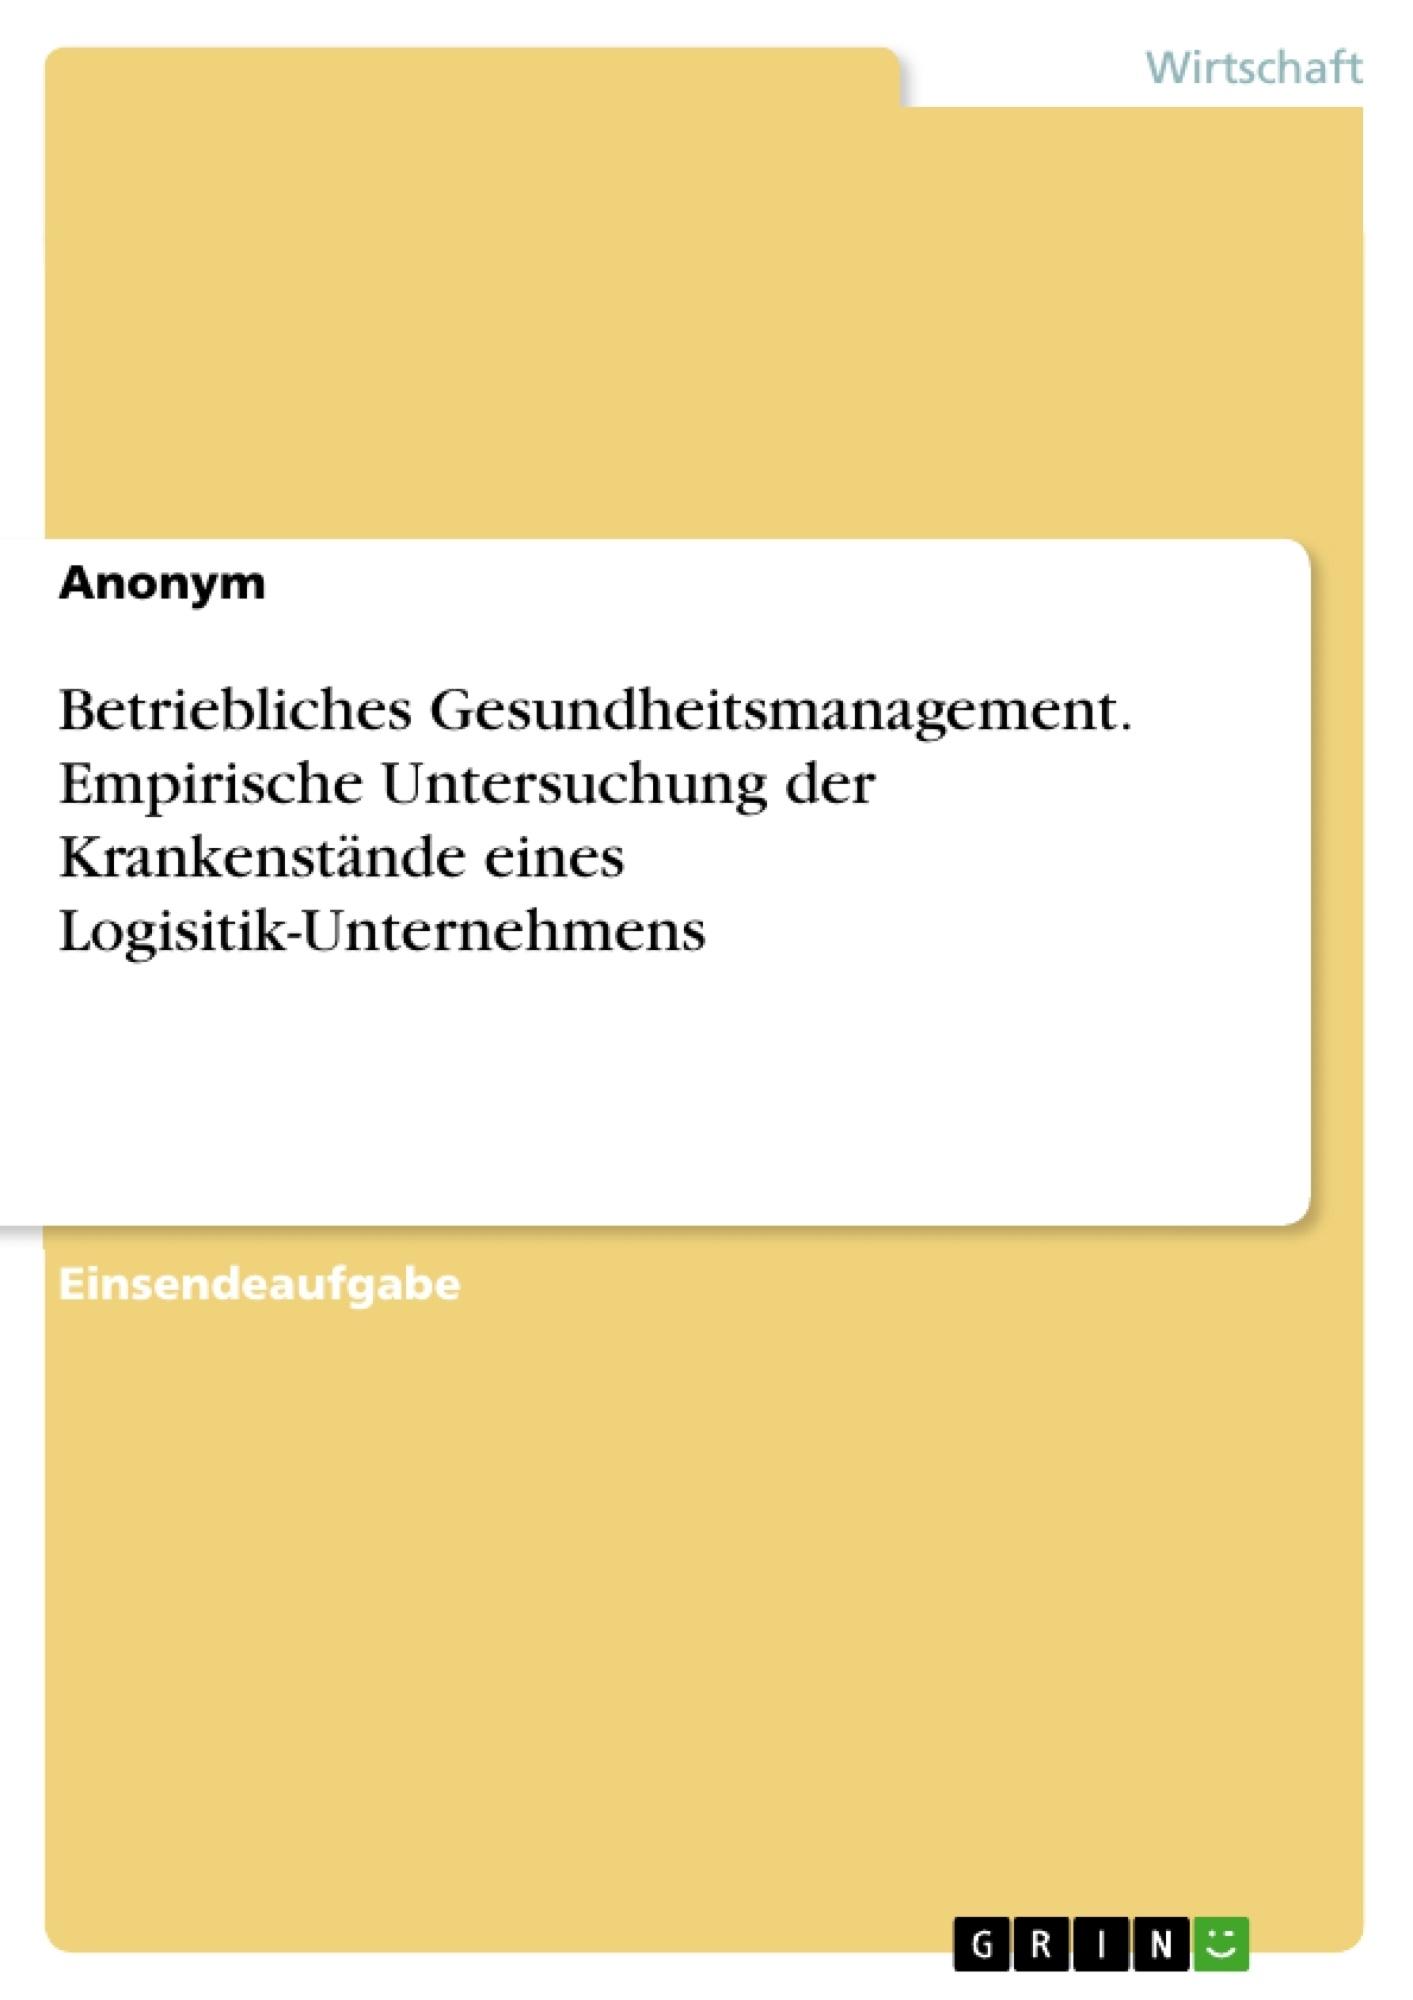 Titel: Betriebliches Gesundheitsmanagement. Empirische Untersuchung der Krankenstände eines Logisitik-Unternehmens